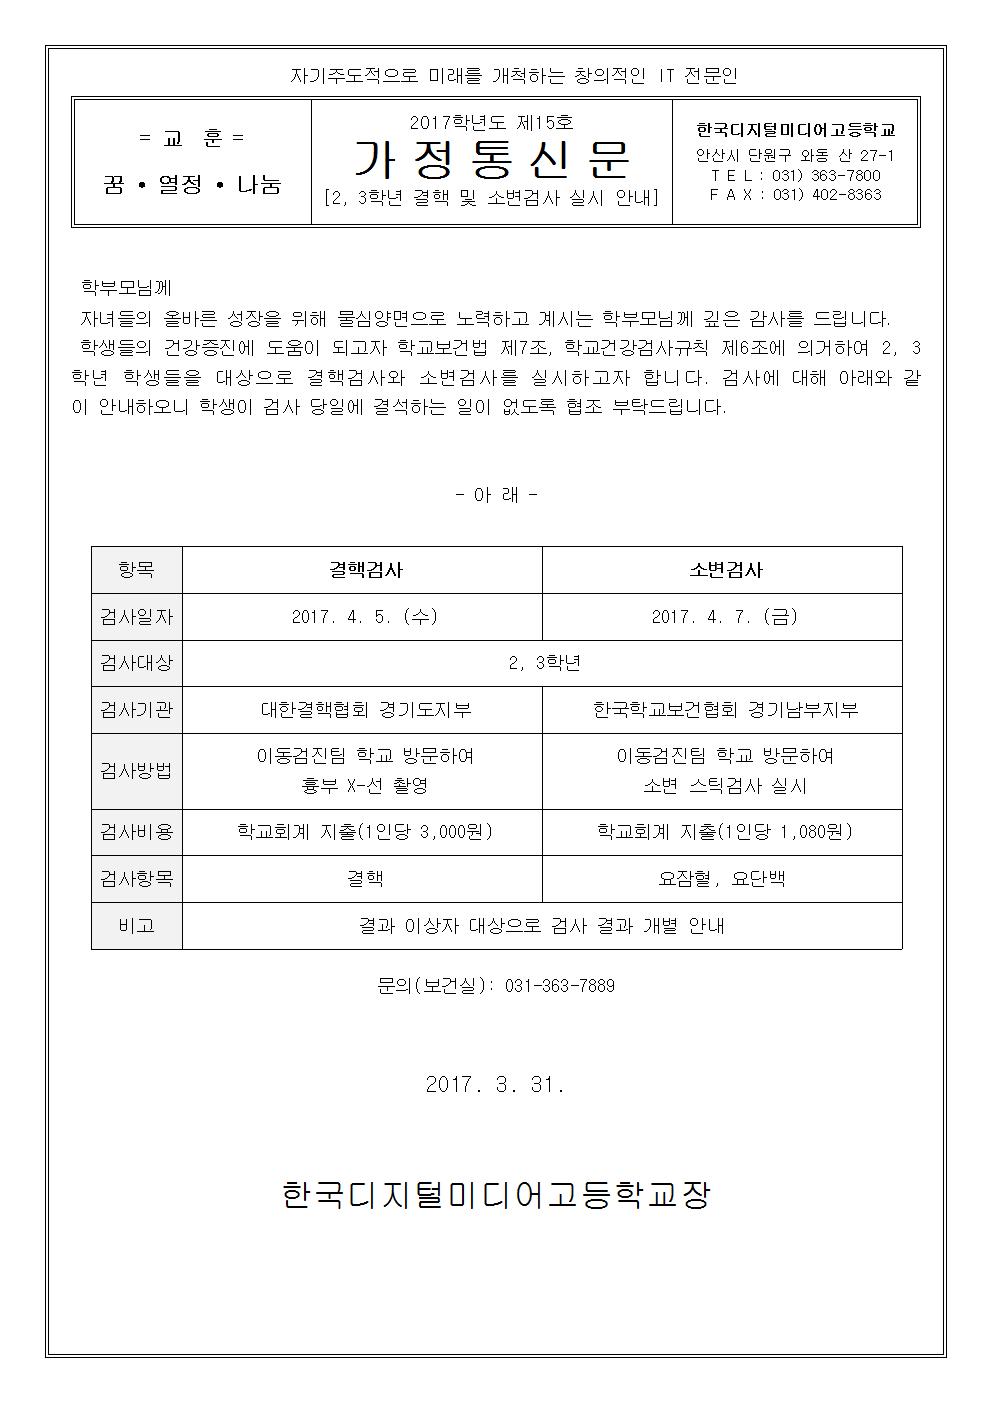 [제15호] 2017학년도 2, 3학년 결핵 및 소변검사 실시 안내001.png